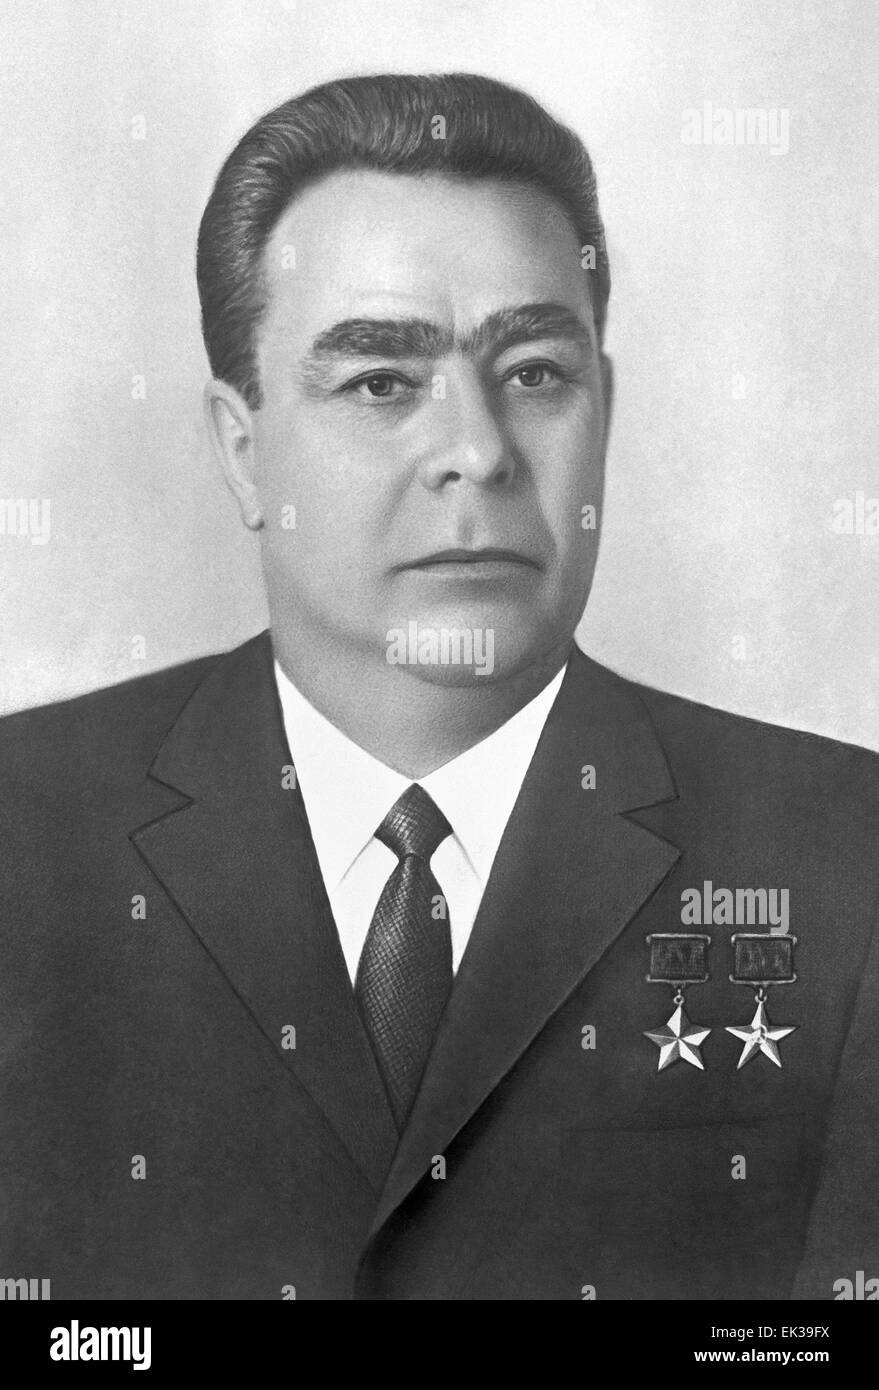 Classify Leonid Brezhnev